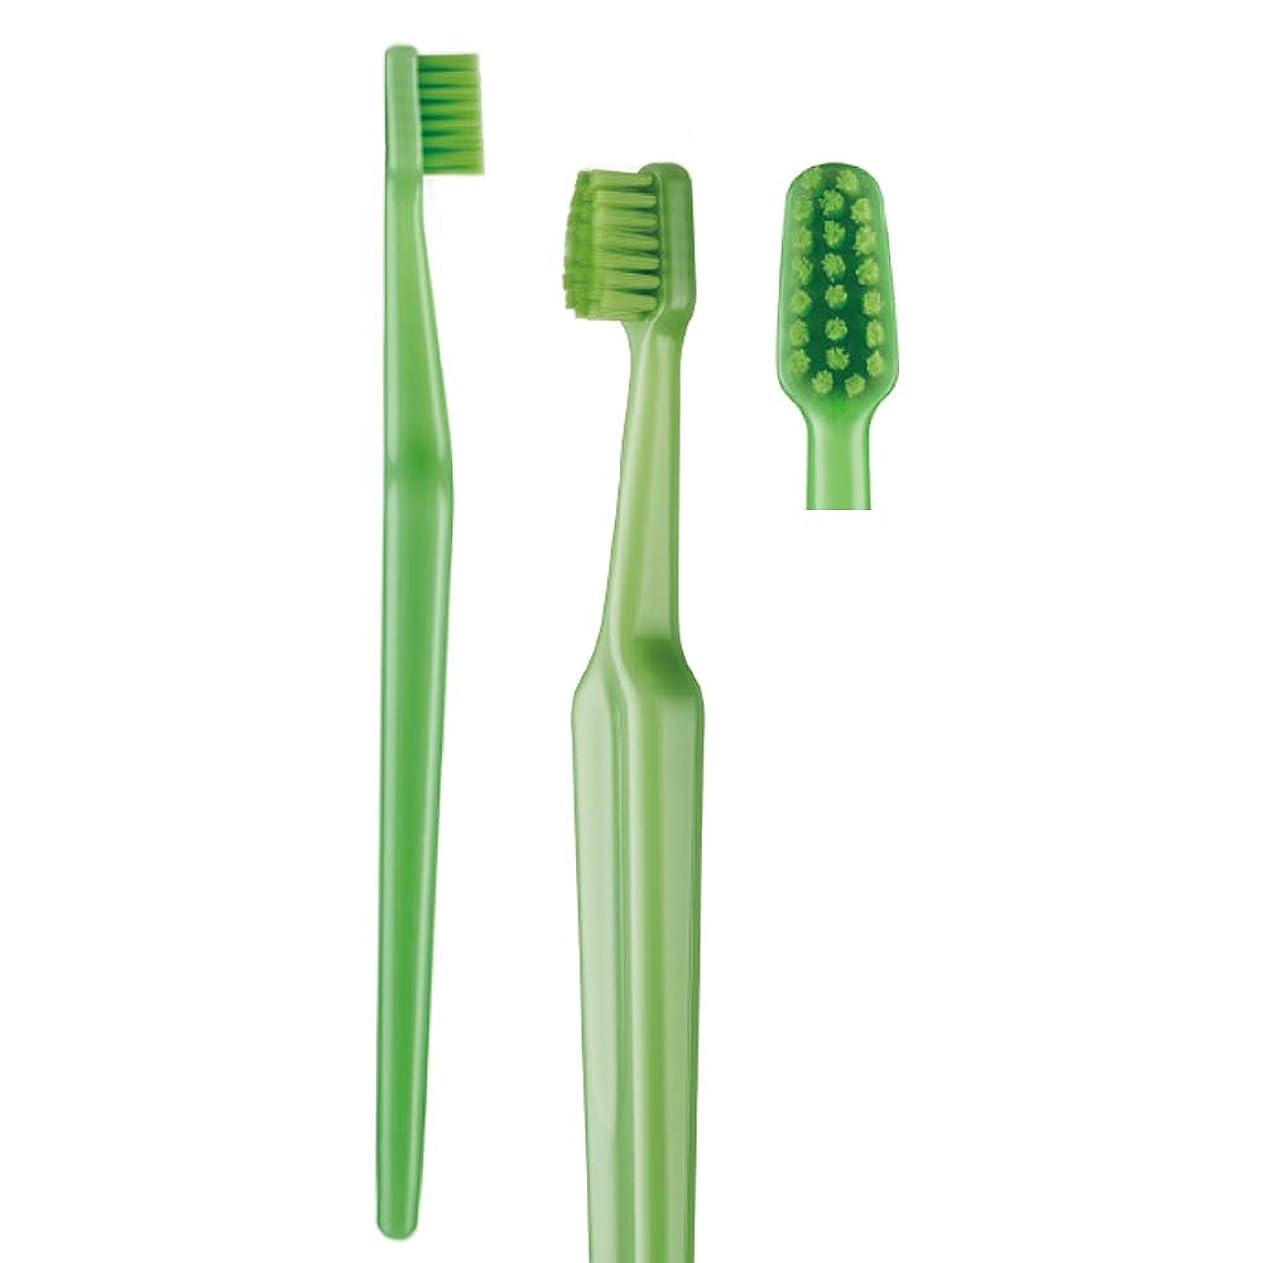 印象的なじゃないウルル歯科専売品 大人用歯ブラシ TePe GOOD (グッド) ミニ エクストラソフト(超やわらかめ) ヘッド小 1本